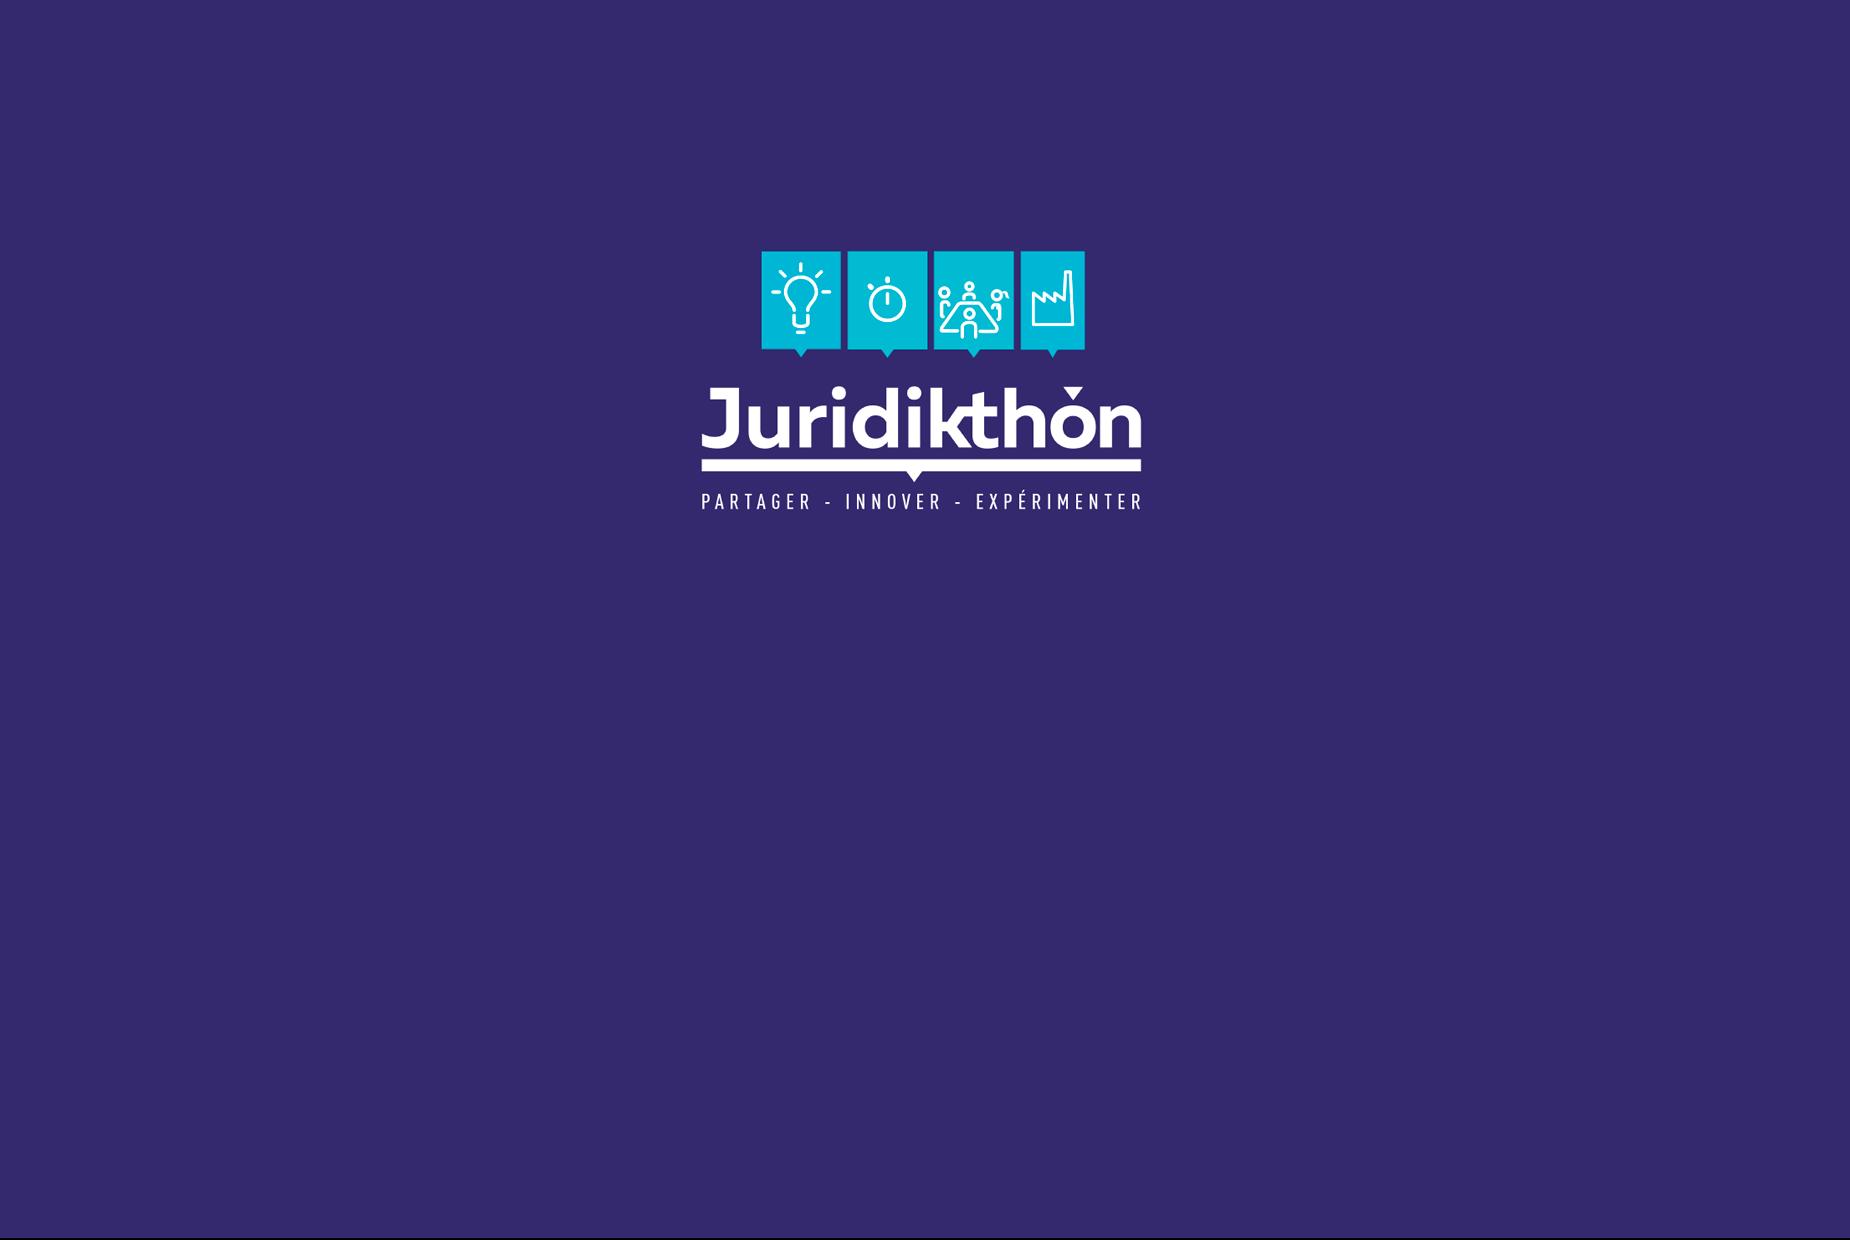 juridikthon 2019